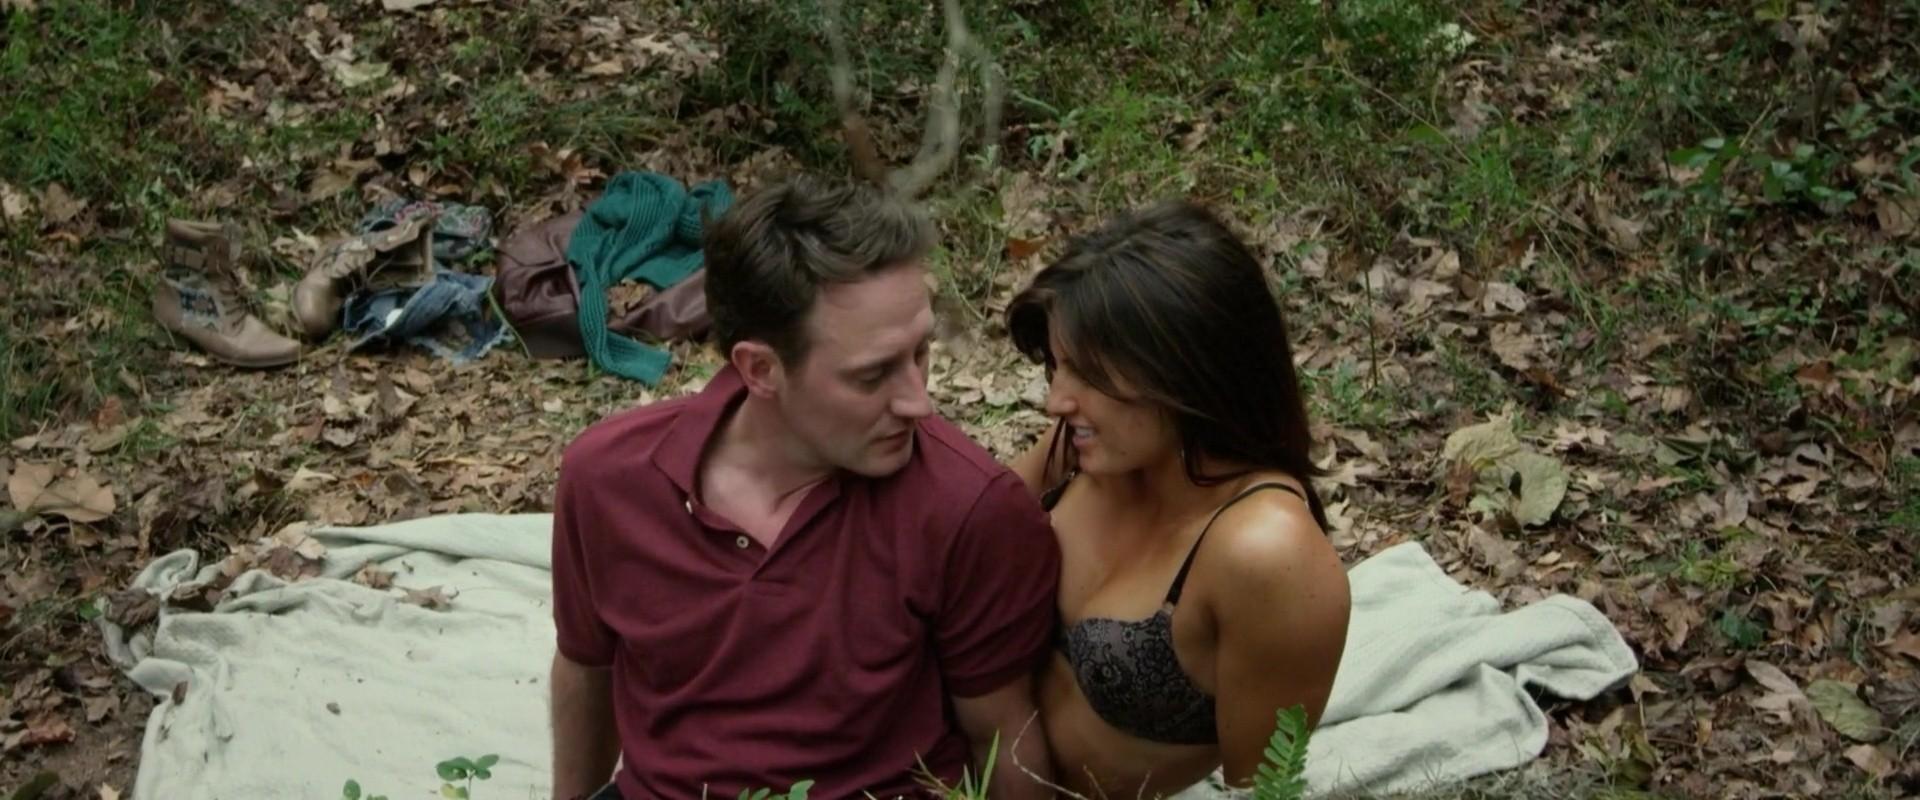 Rachele brooke smith nude in bring it on